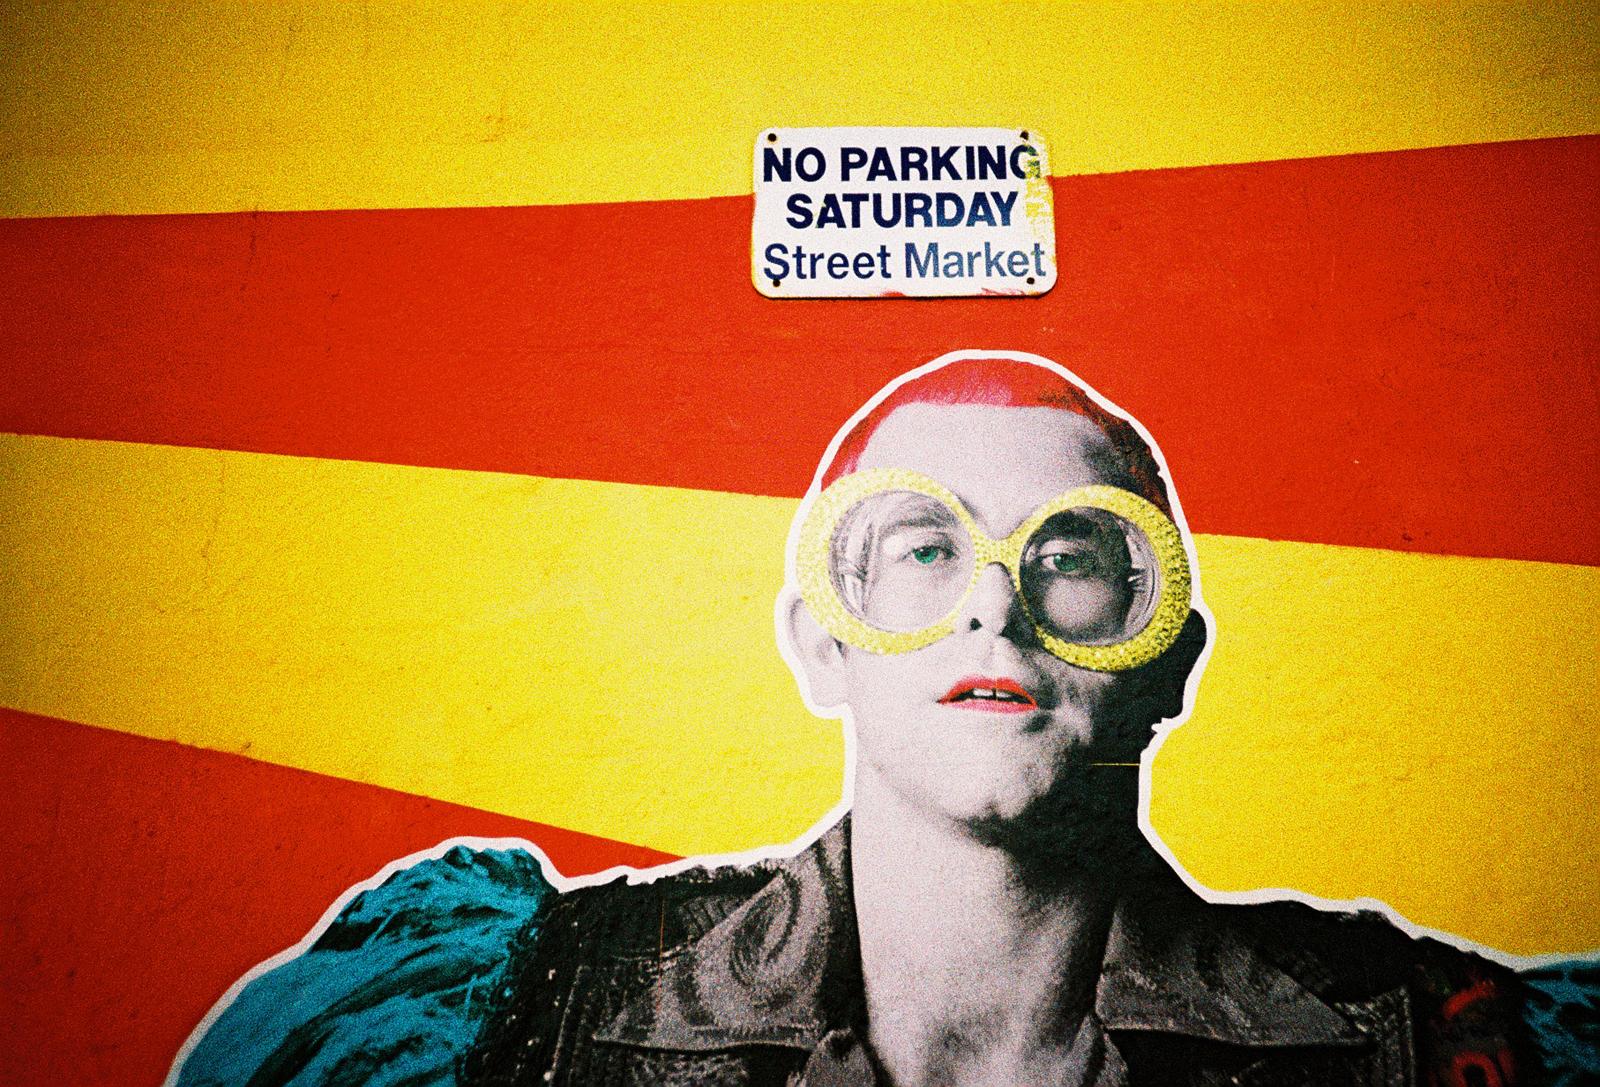 Elton John graffiti